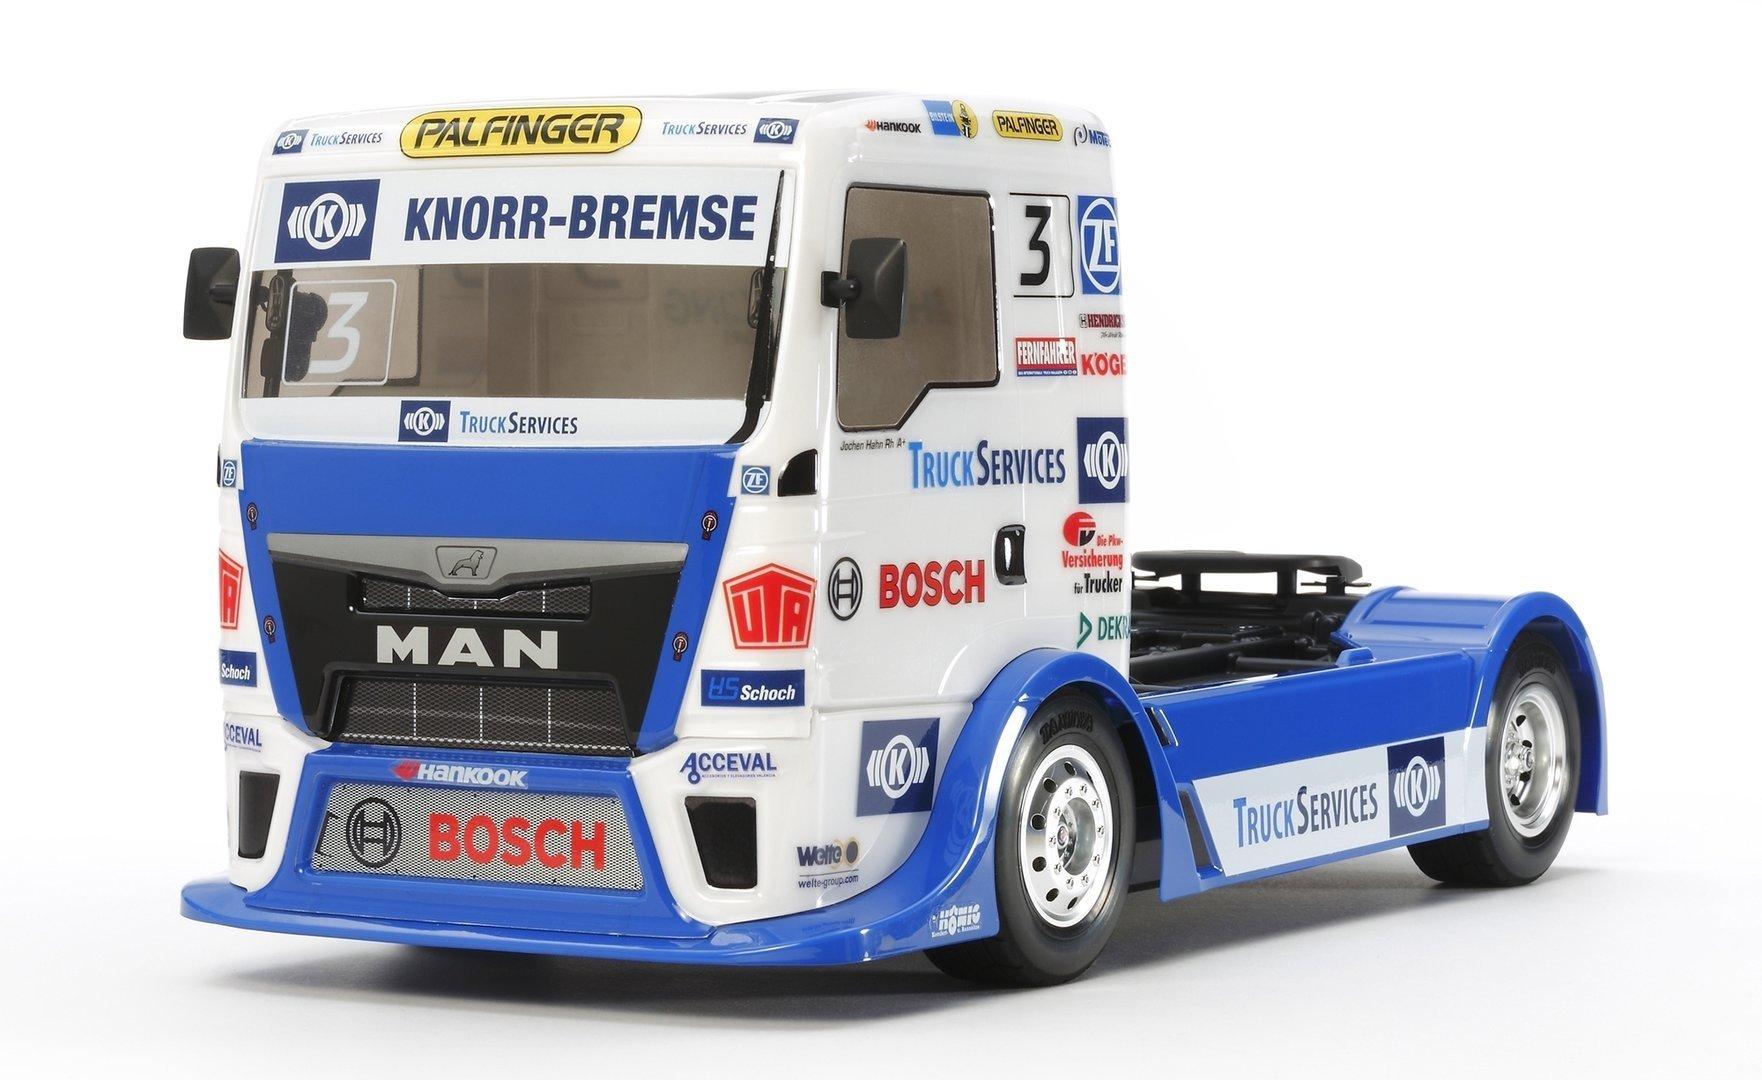 tamiya man tgs racetruck team hahn racing karosserie. Black Bedroom Furniture Sets. Home Design Ideas